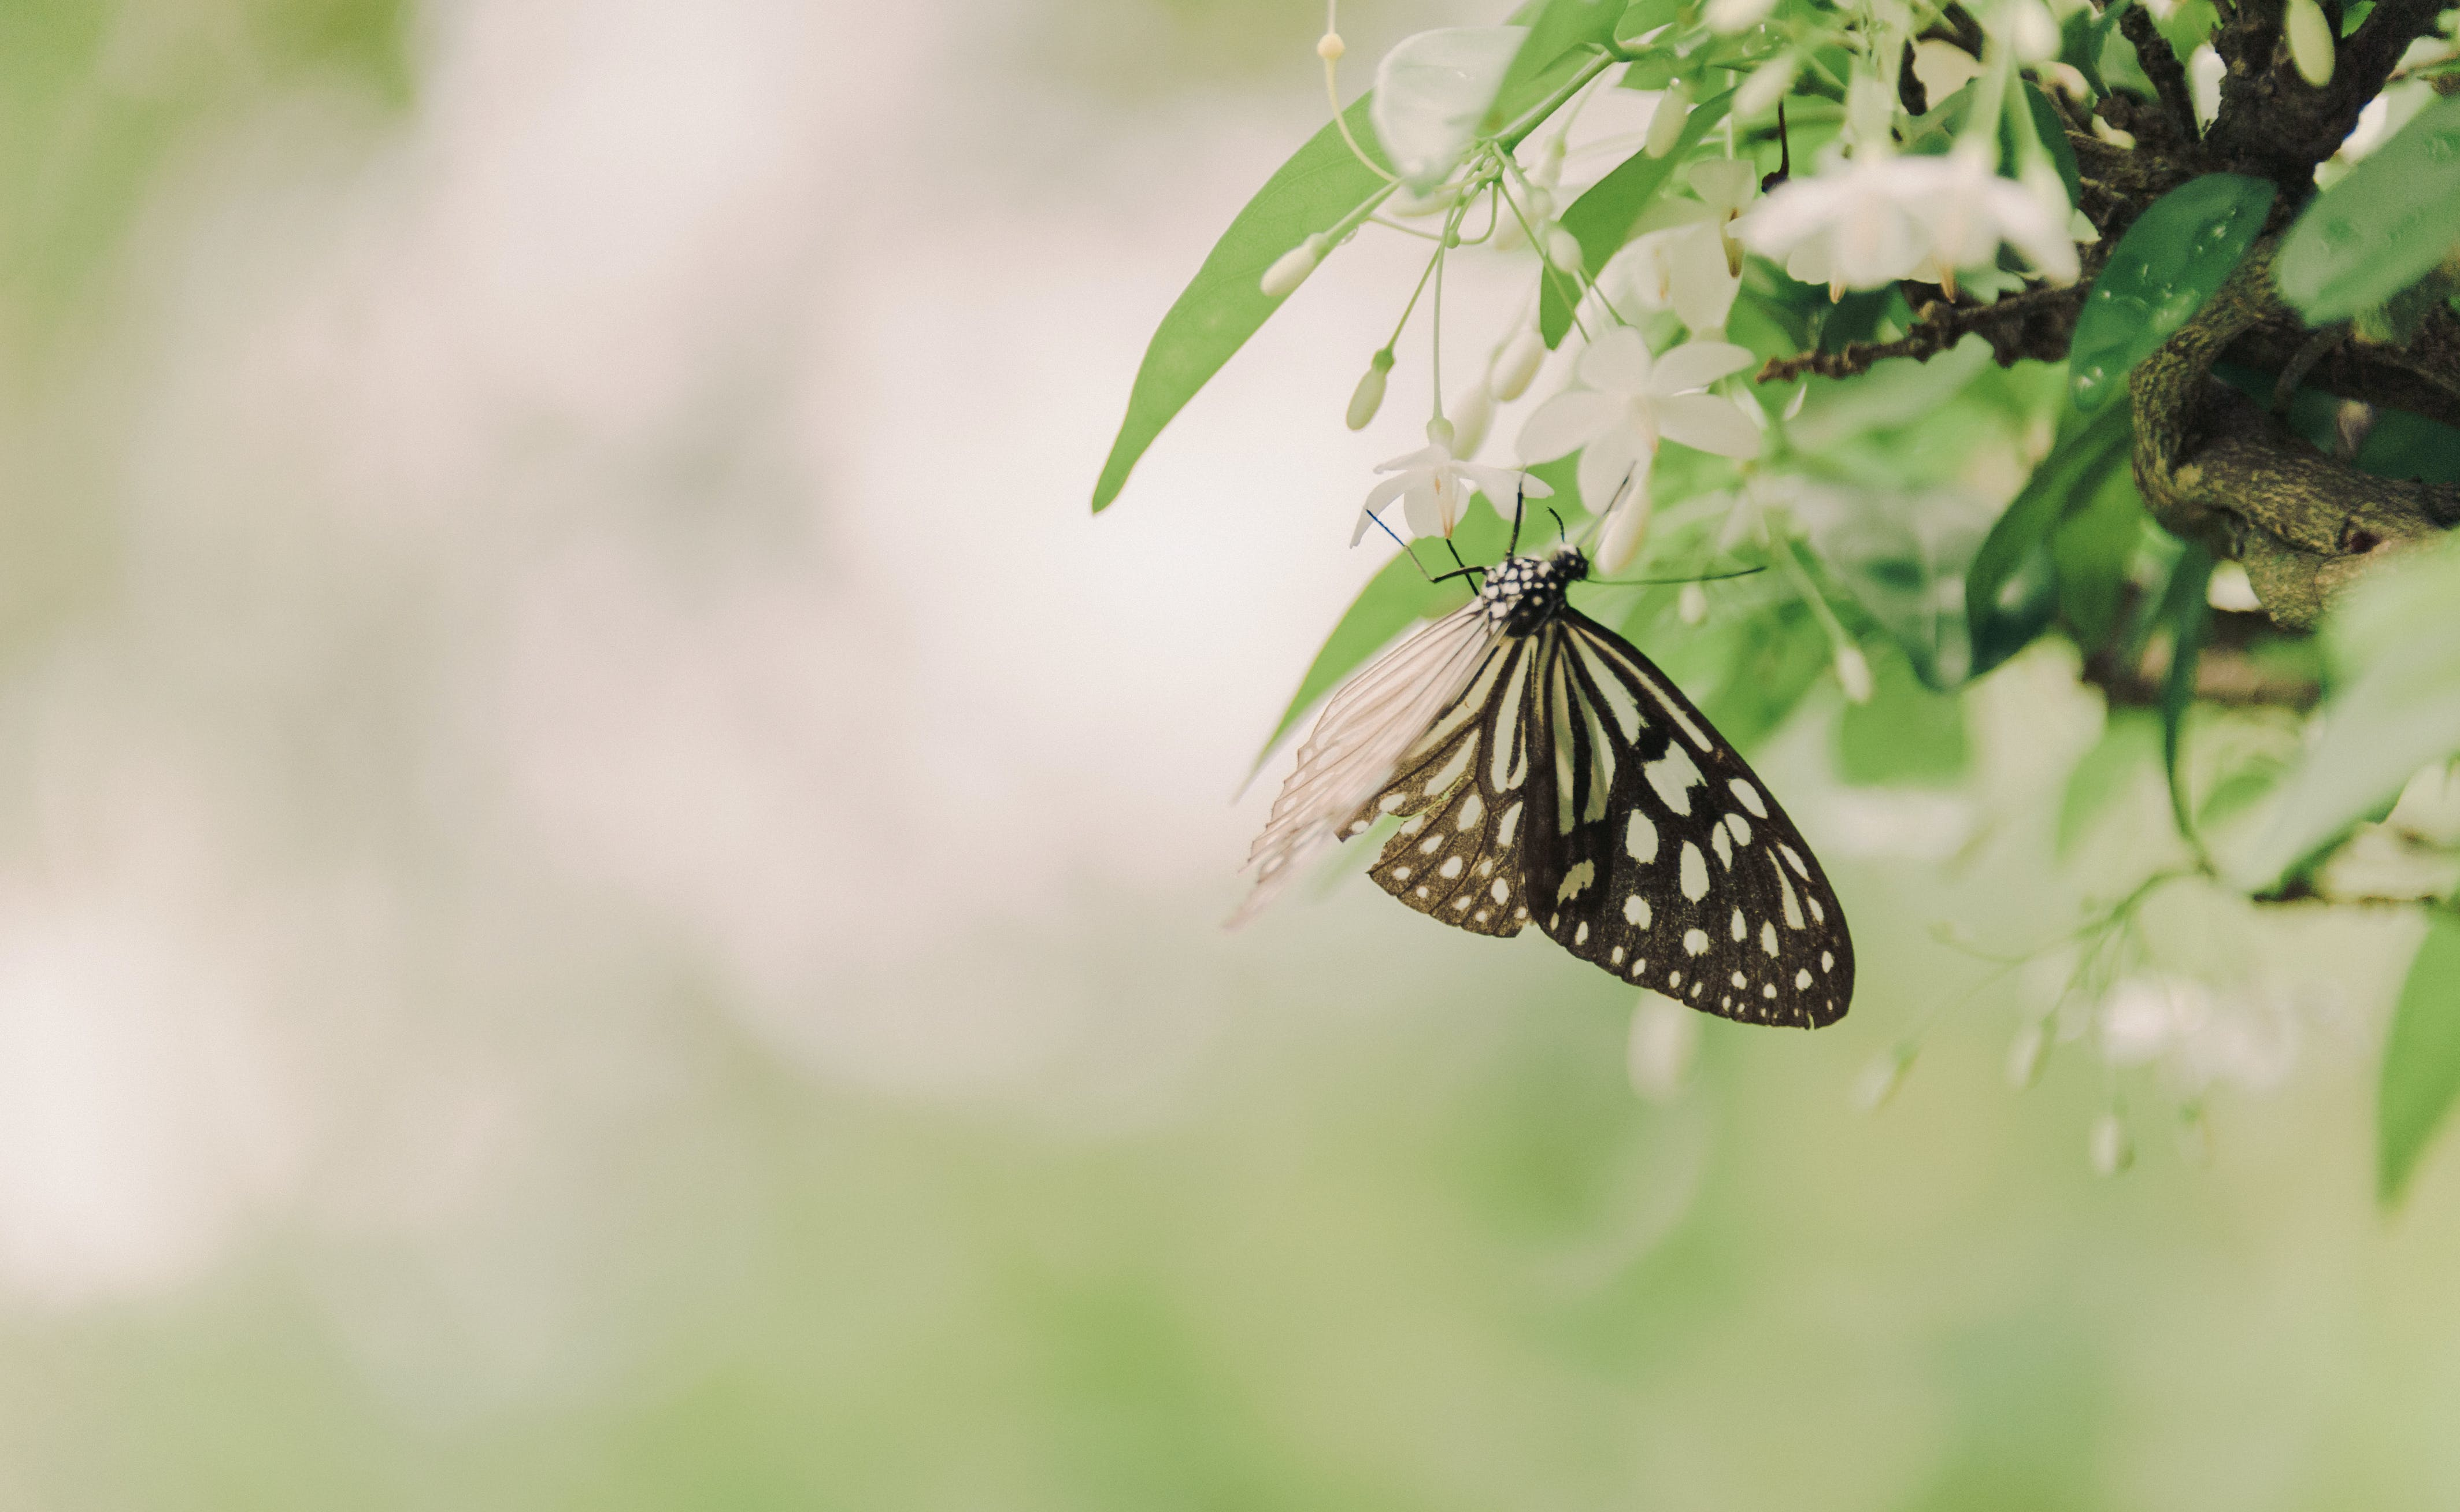 꽃, 꽃봉오리, 나비, 날개의 무료 스톡 사진